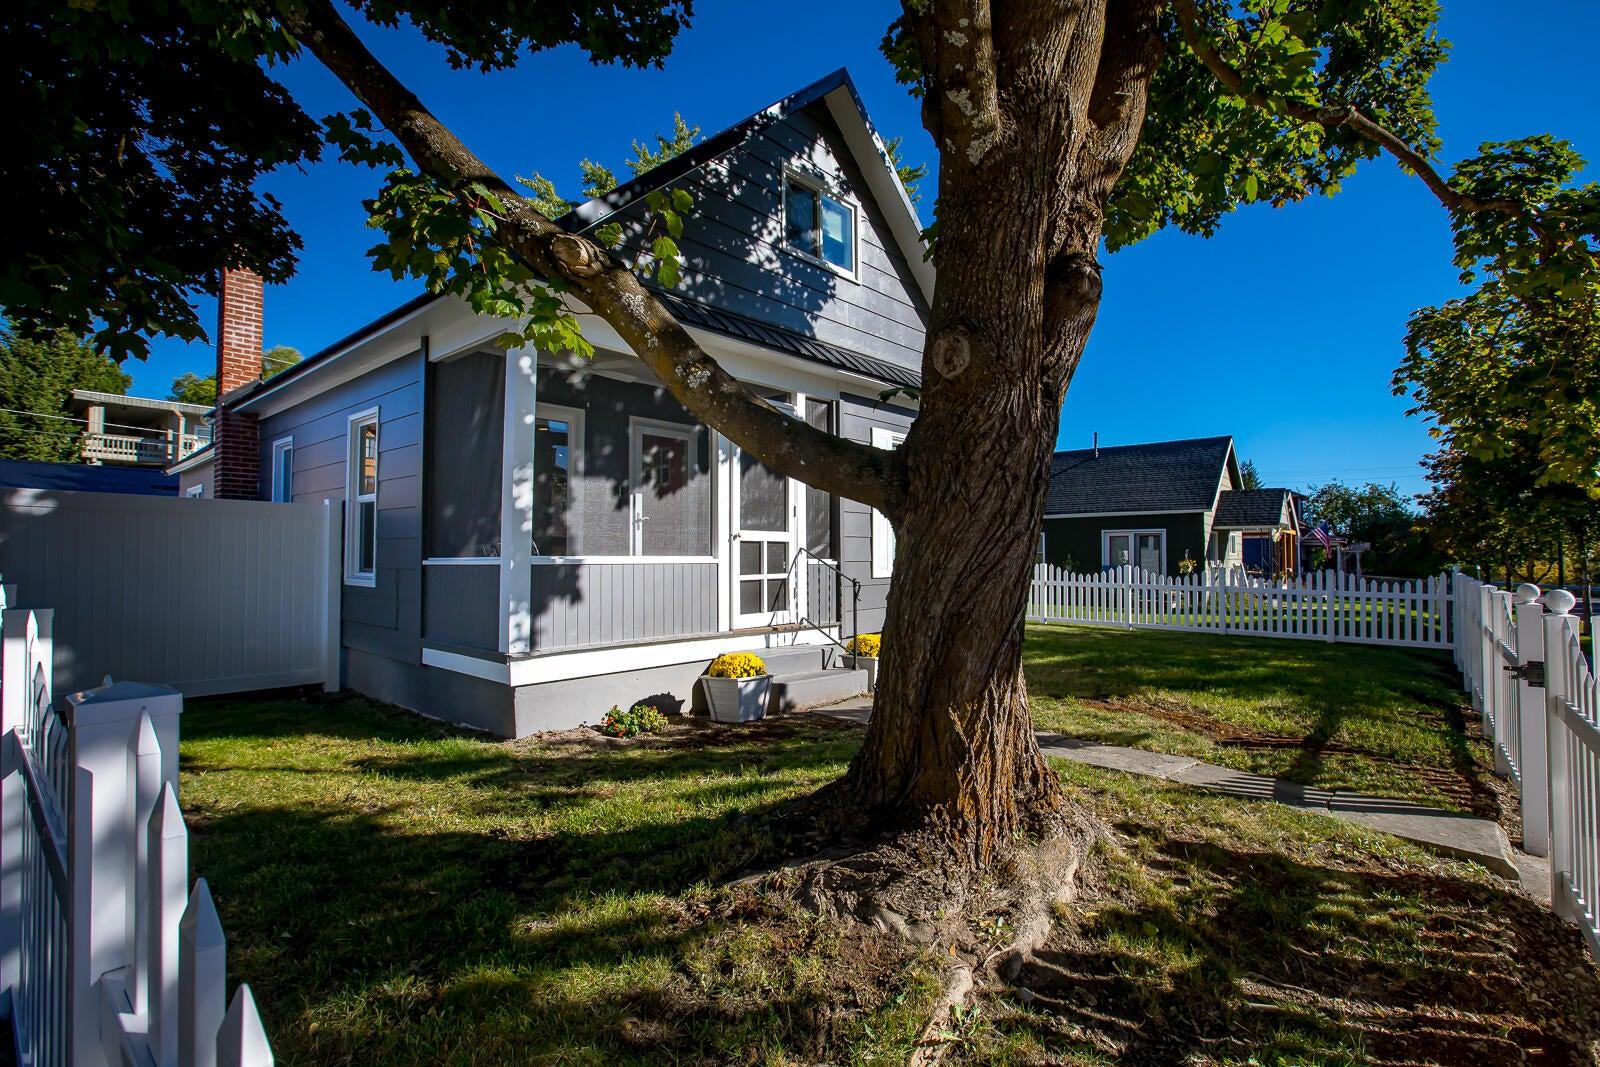 37 Washington Avenue, Whitefish, MT 59937